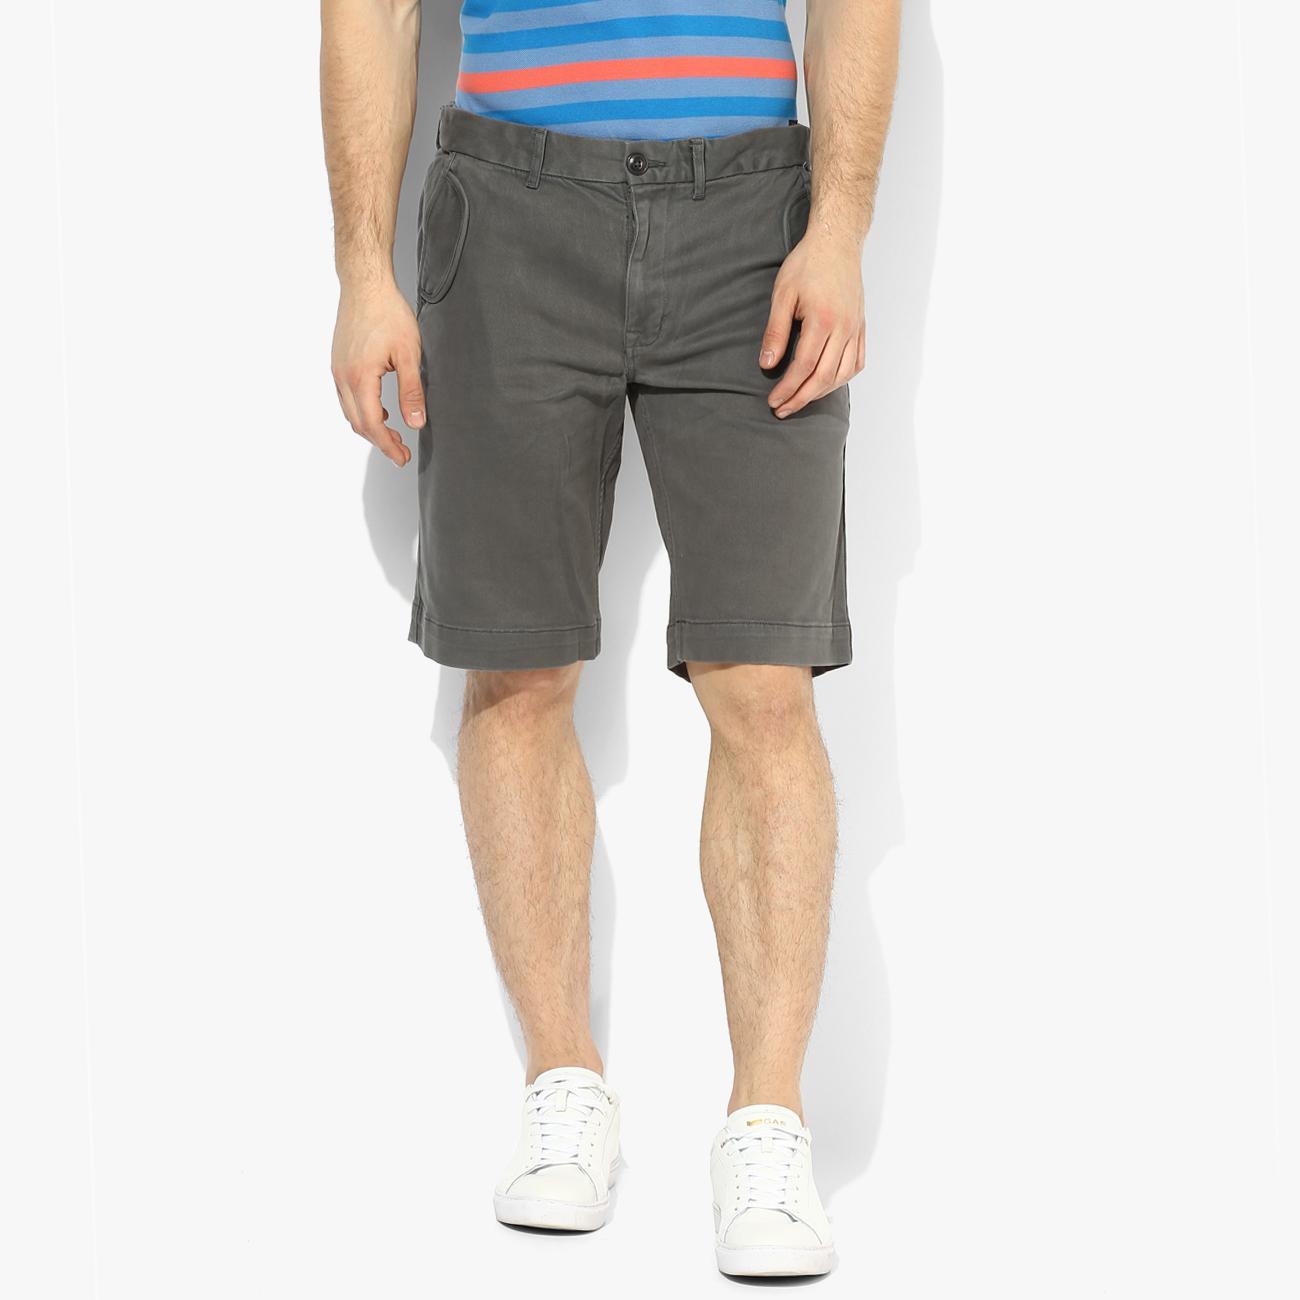 Men's Gray Shorts at Red Chief